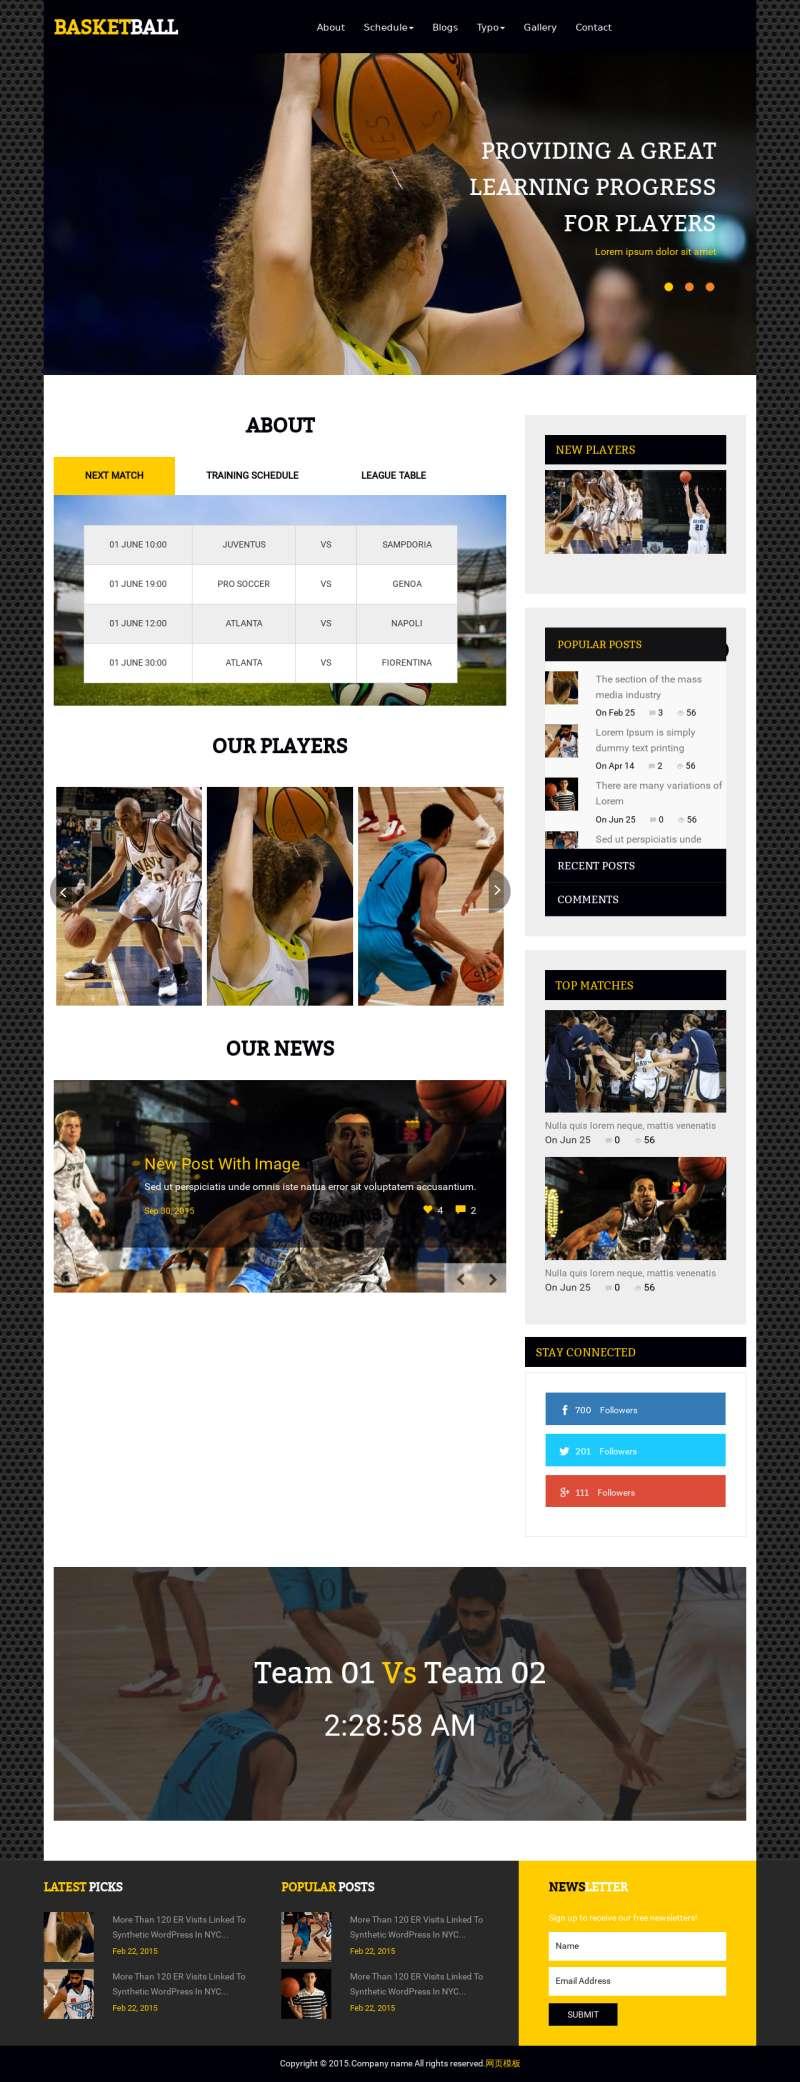 黑色的体育篮球俱乐部网站模板html下载